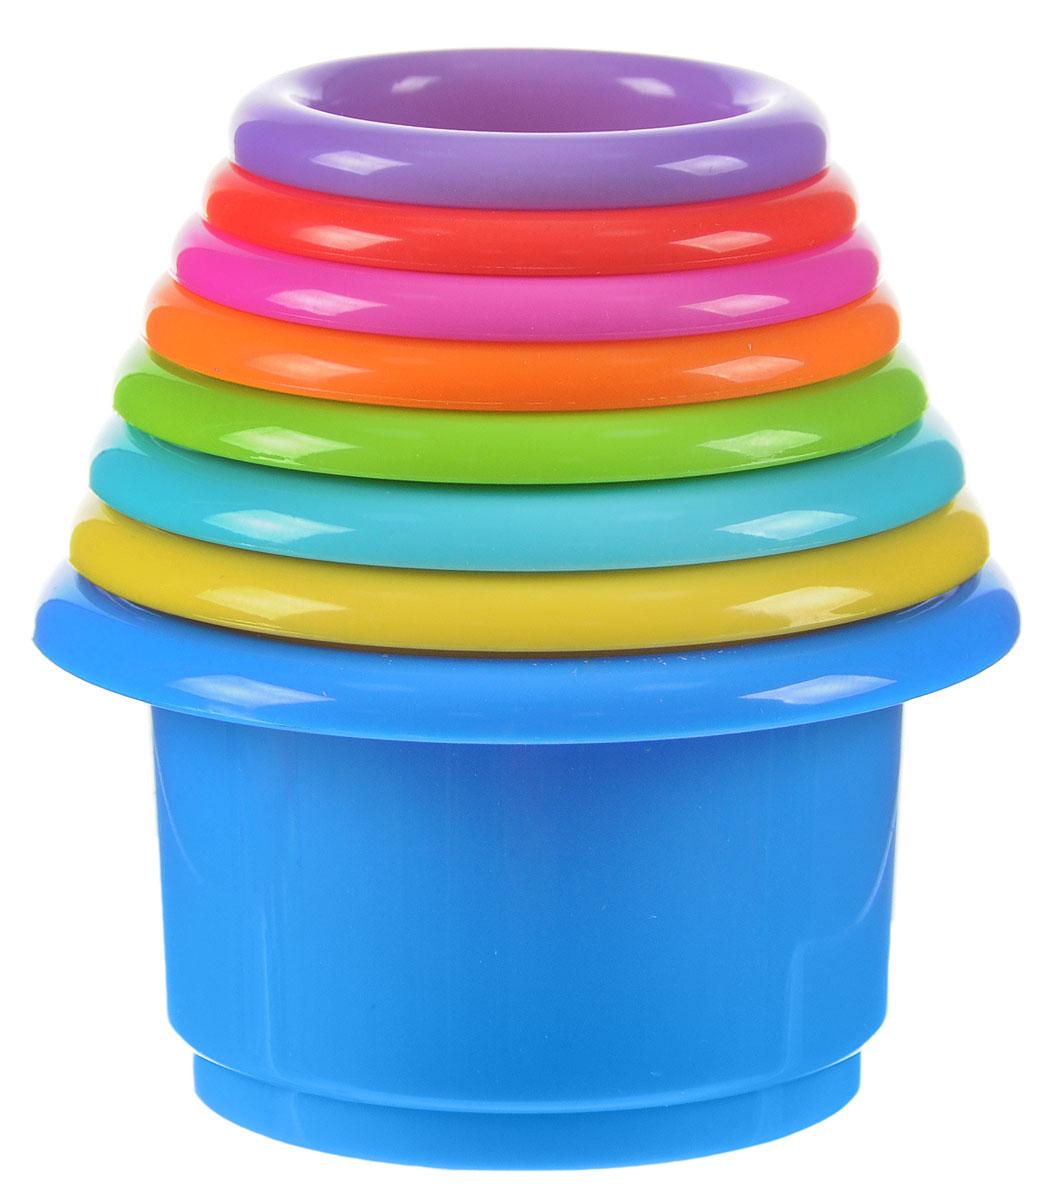 Bkids B kids Набор игрушек для песочницы Формочки 8 шт 063146B